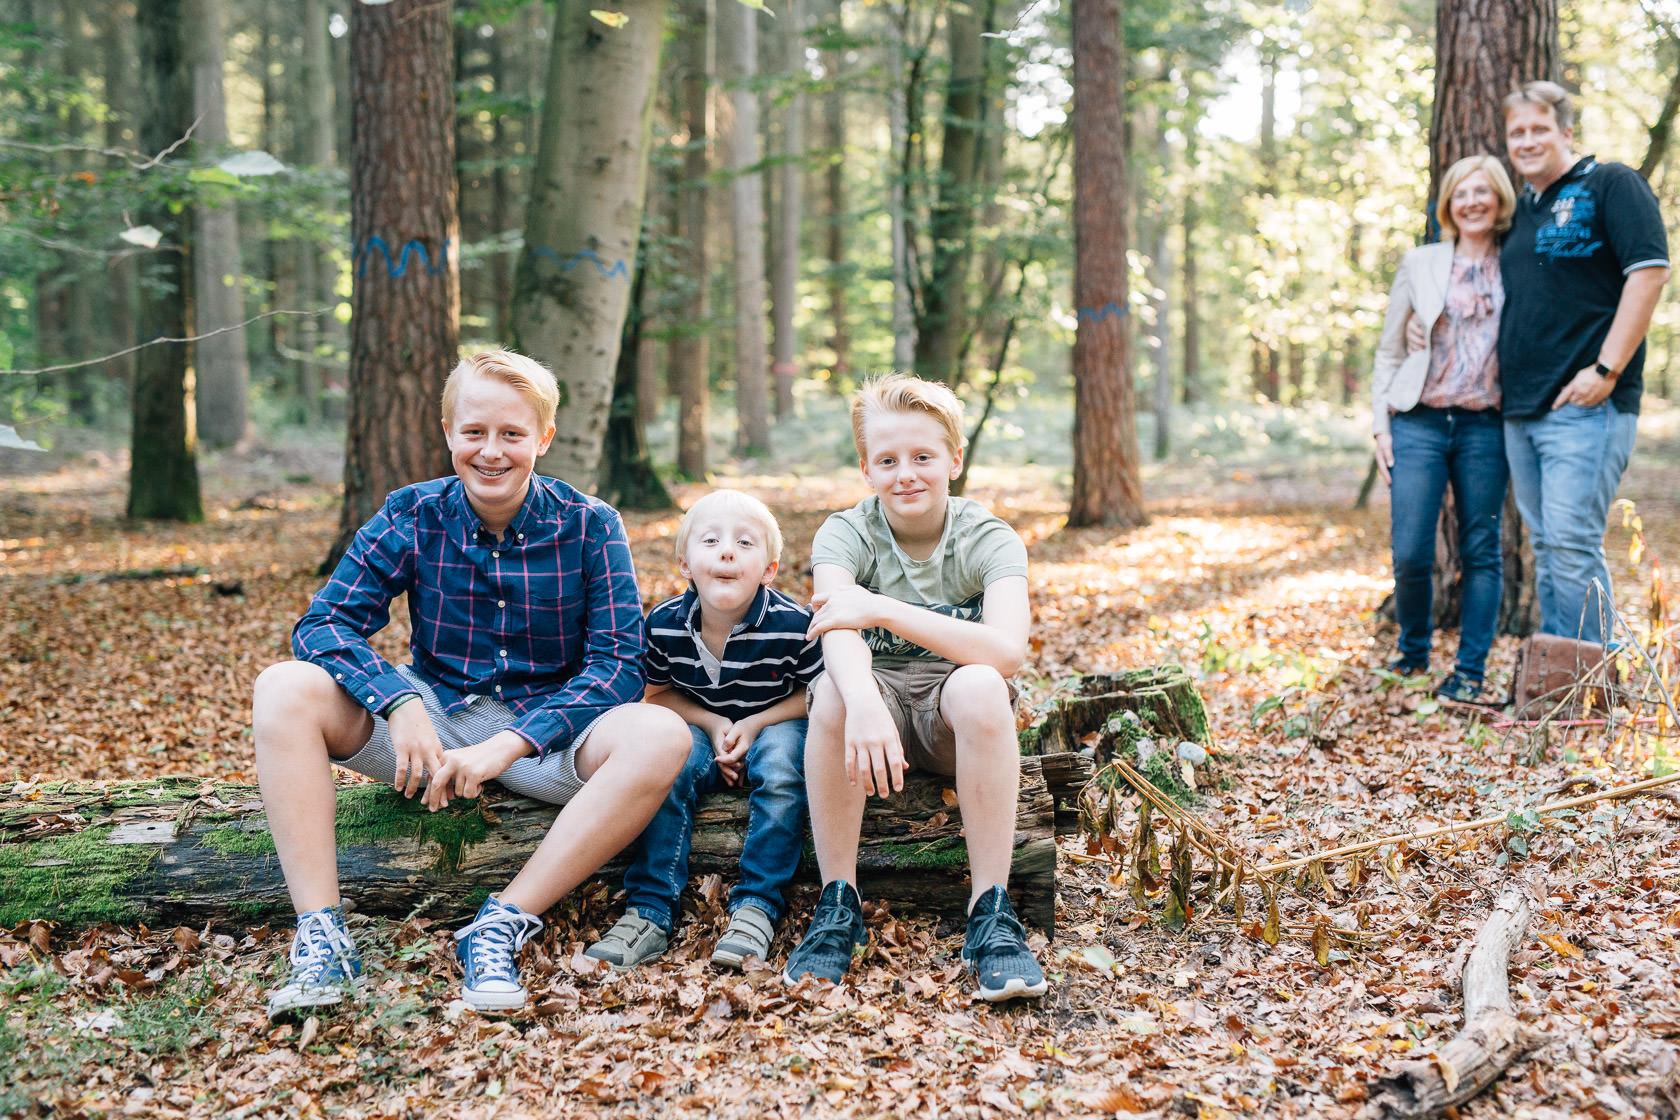 Familienfotos im Herbst in Waghäusel Familie Anders Geschwister Brüder Baumstamm Gegenlicht Herbstwald Wald